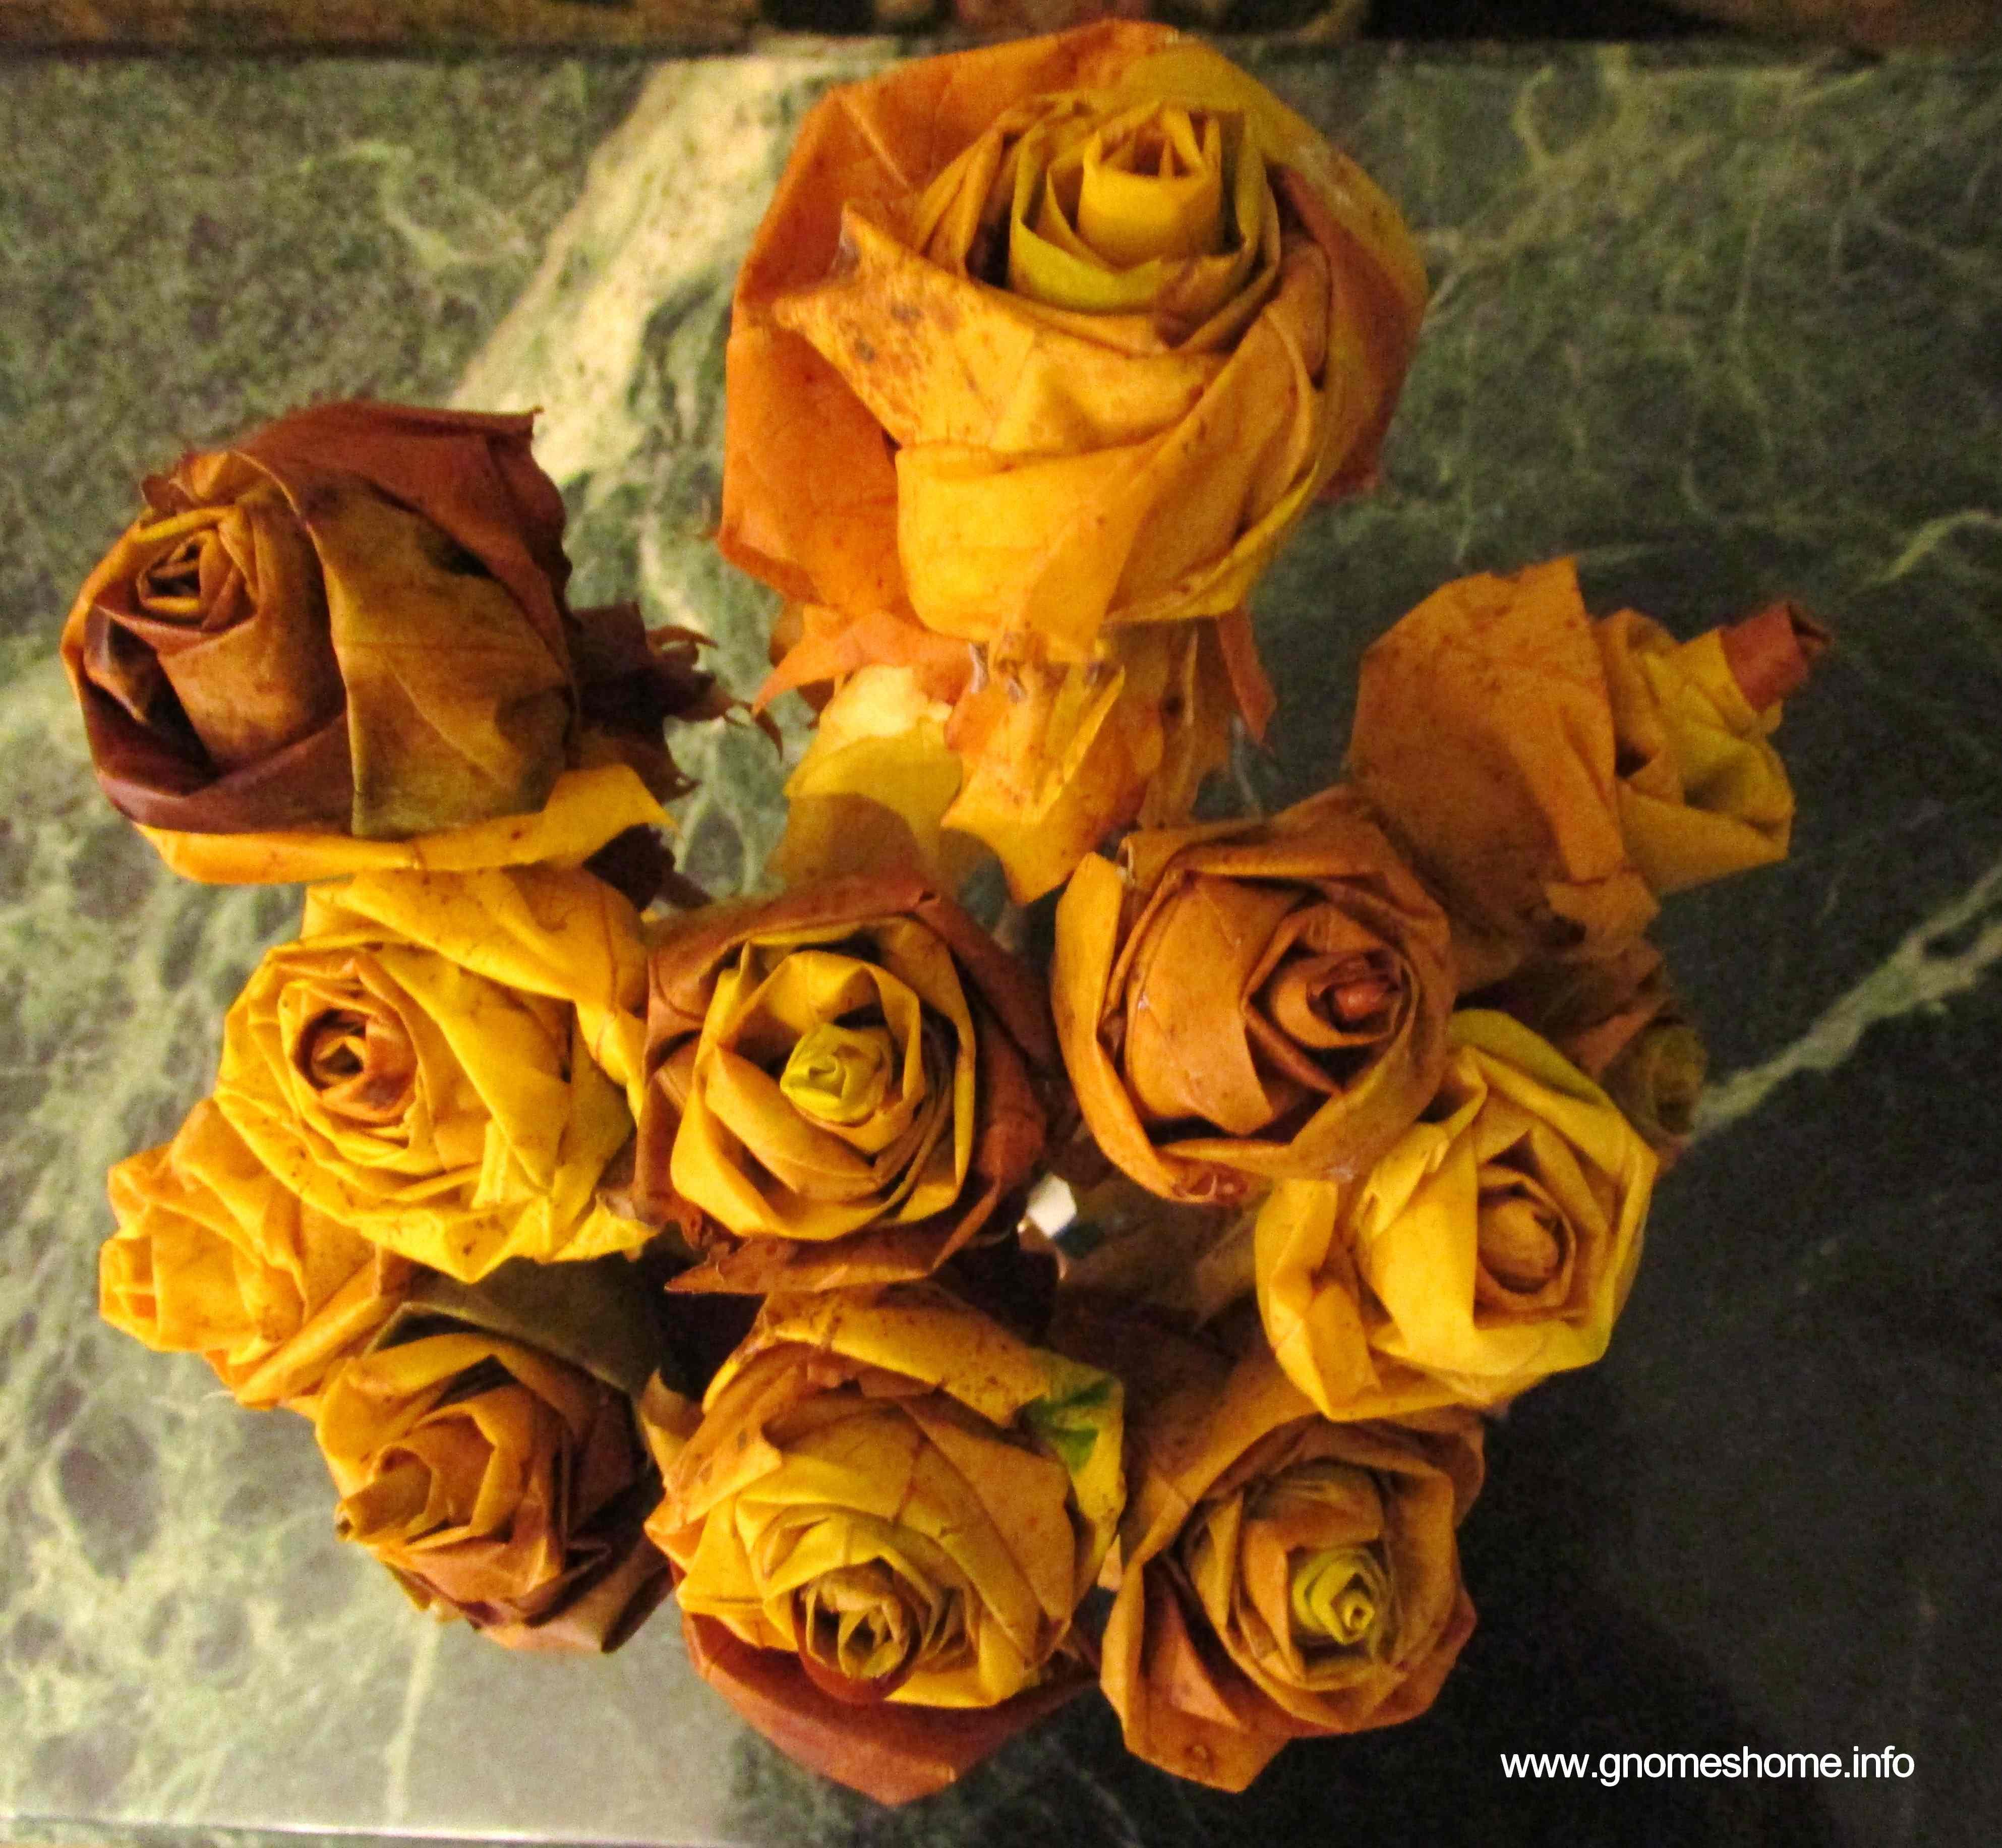 efterårets roser 1